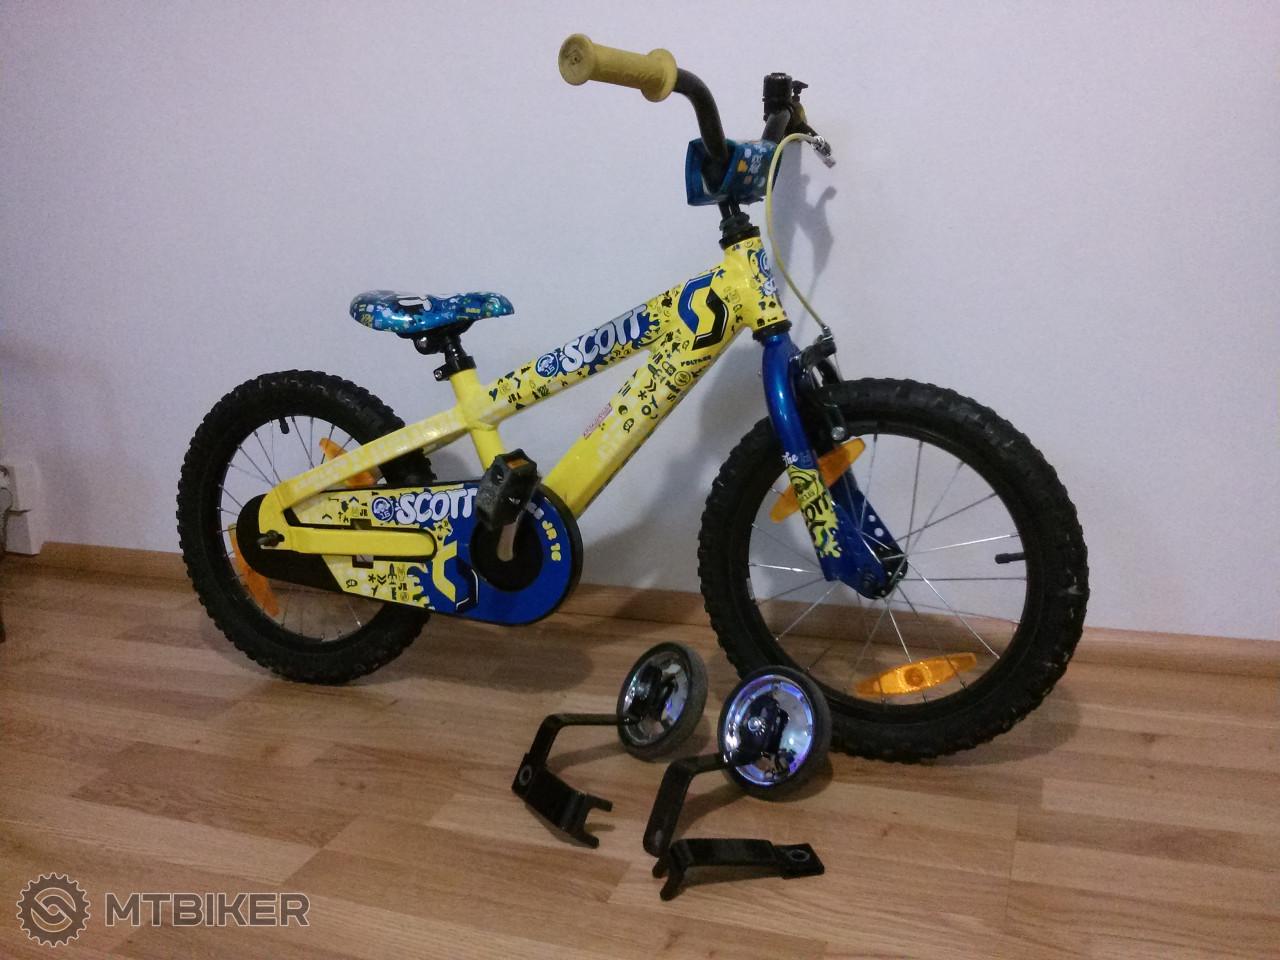 881e3014f92c9 Detský Bicykel Scott Voltage 16 Jr - Bicykle - BMX, Dirt/Street - Bazár  MTBIKER